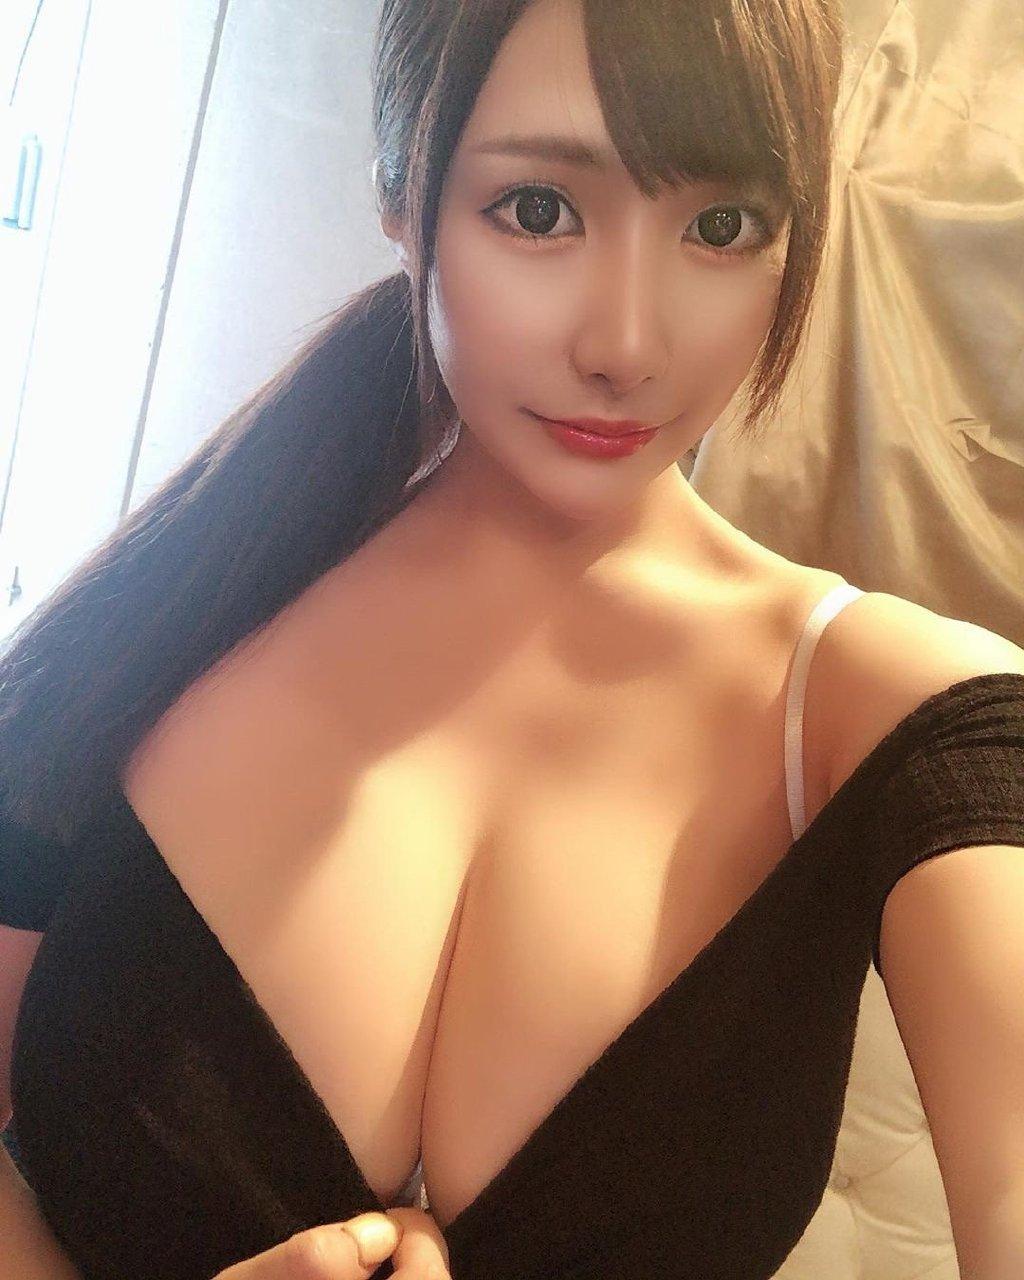 大胸长腿身材惹火的混血美女主播赵芷彤 妹子图 热图3